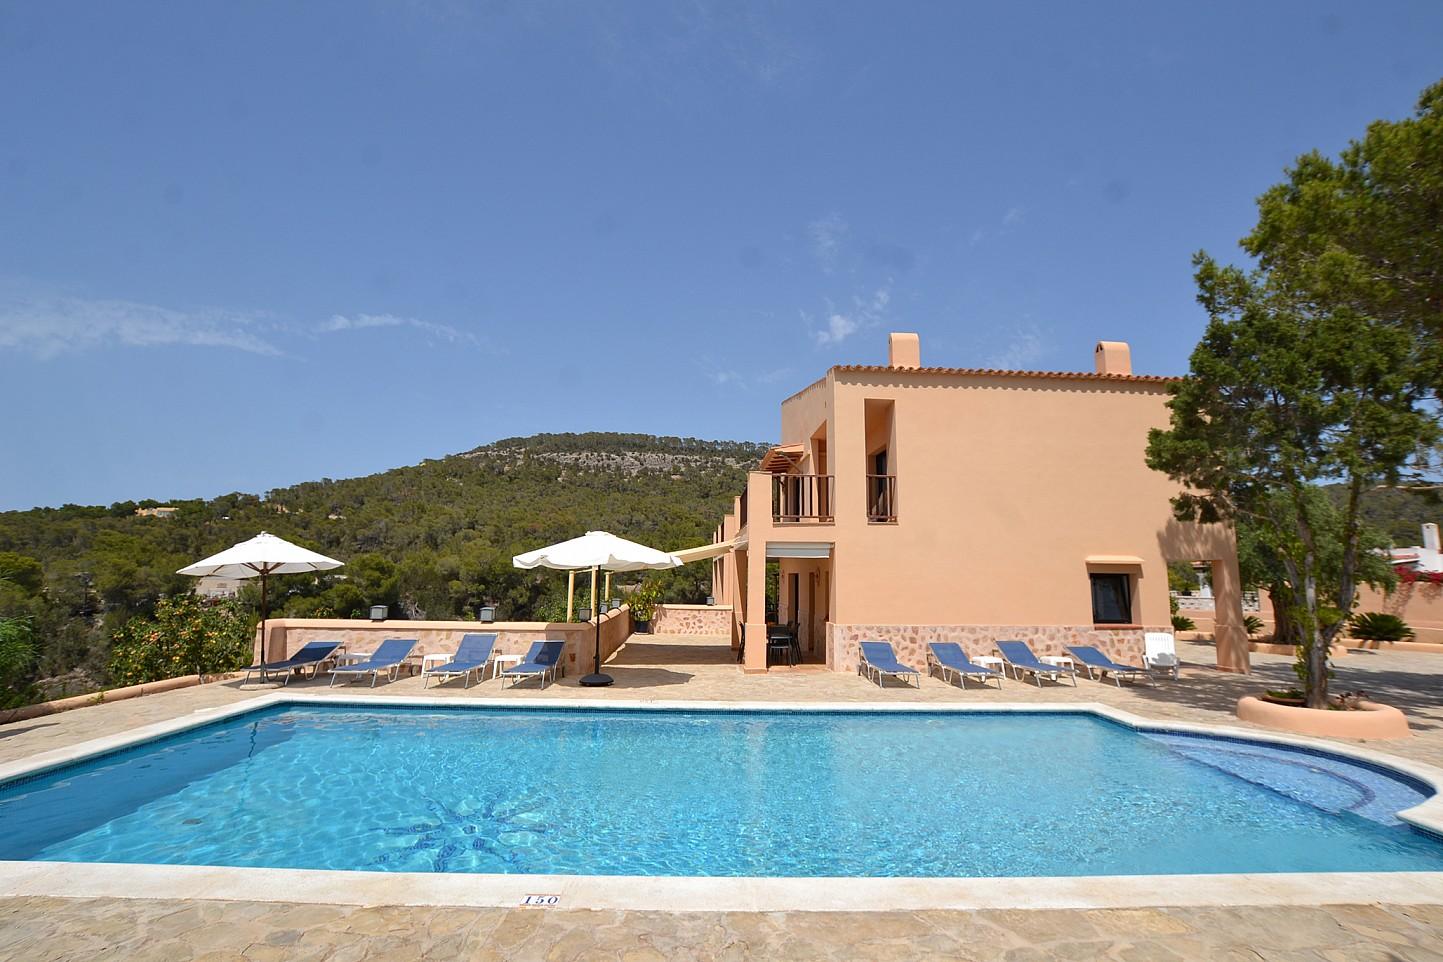 Gran piscina con hamacas en la parte lateral de la villa